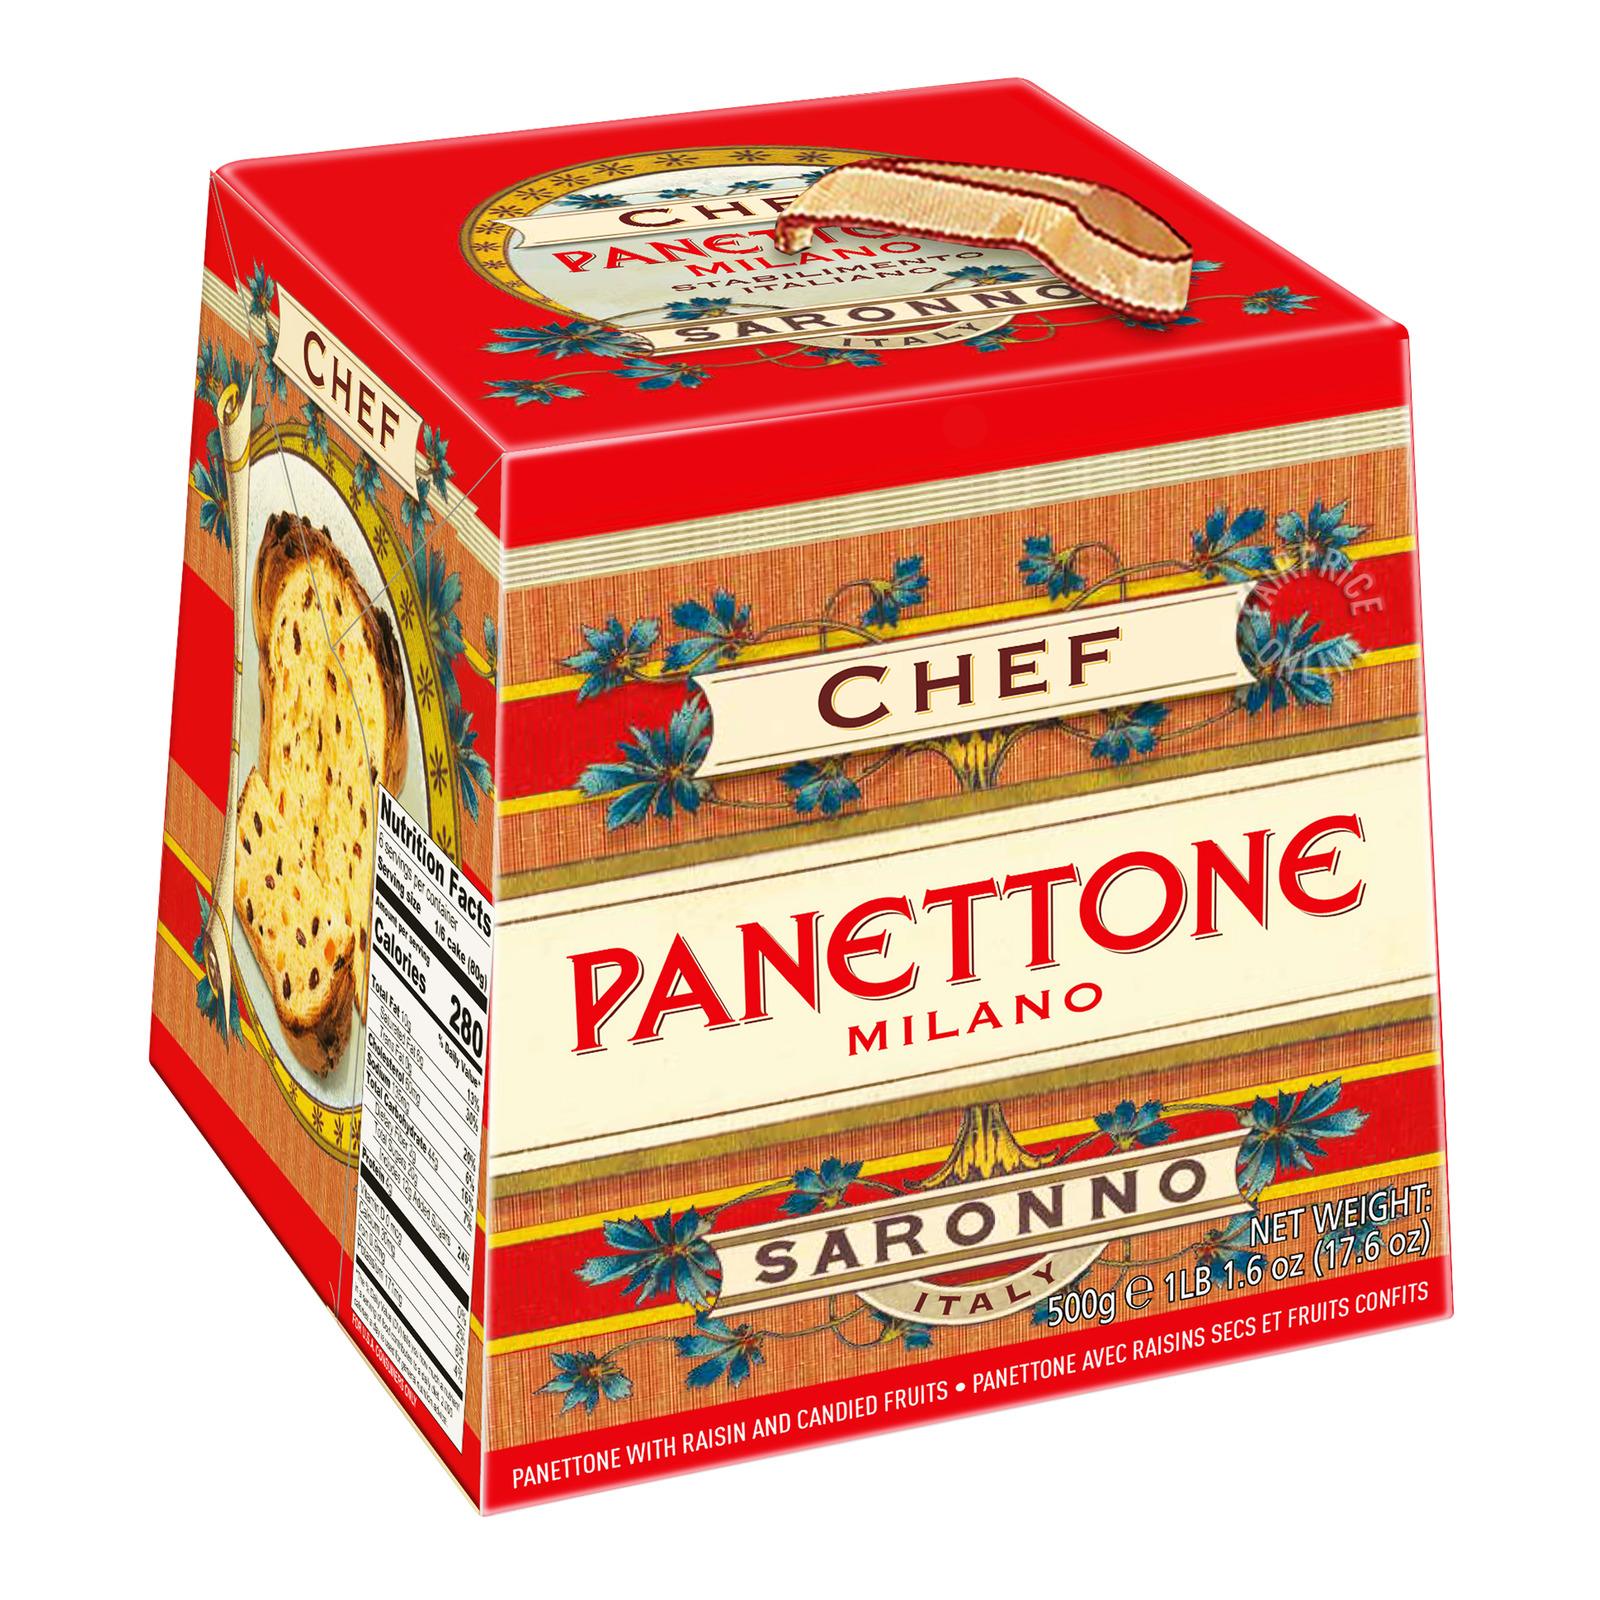 Chiostro Di Saronno Panettone Cake - Chef Classico